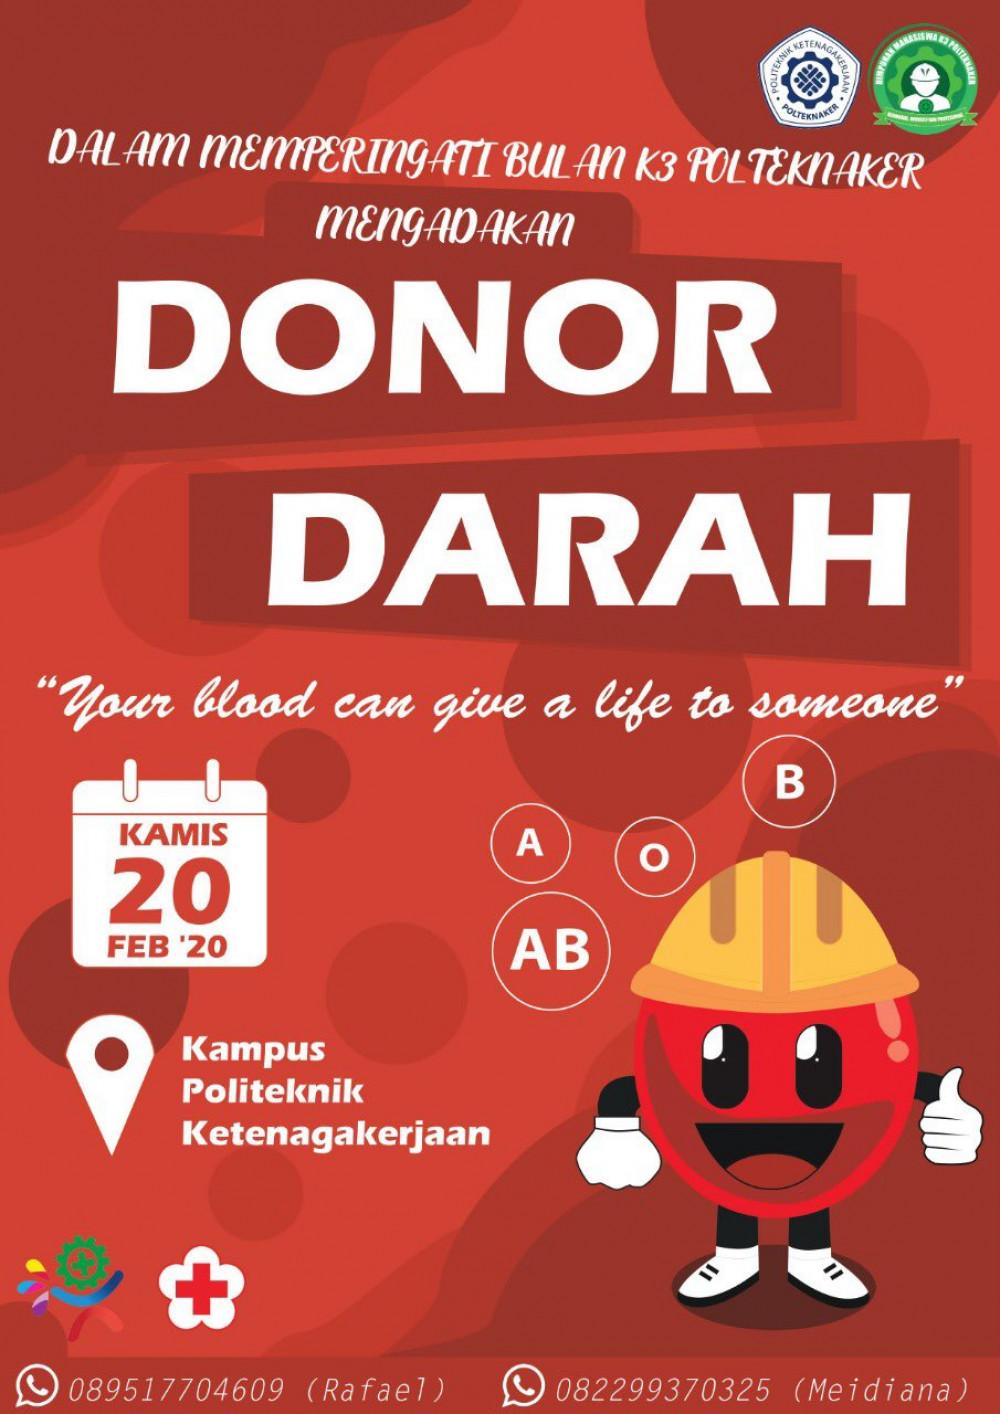 Donor Darah Politeknik Ketenagakerjaan